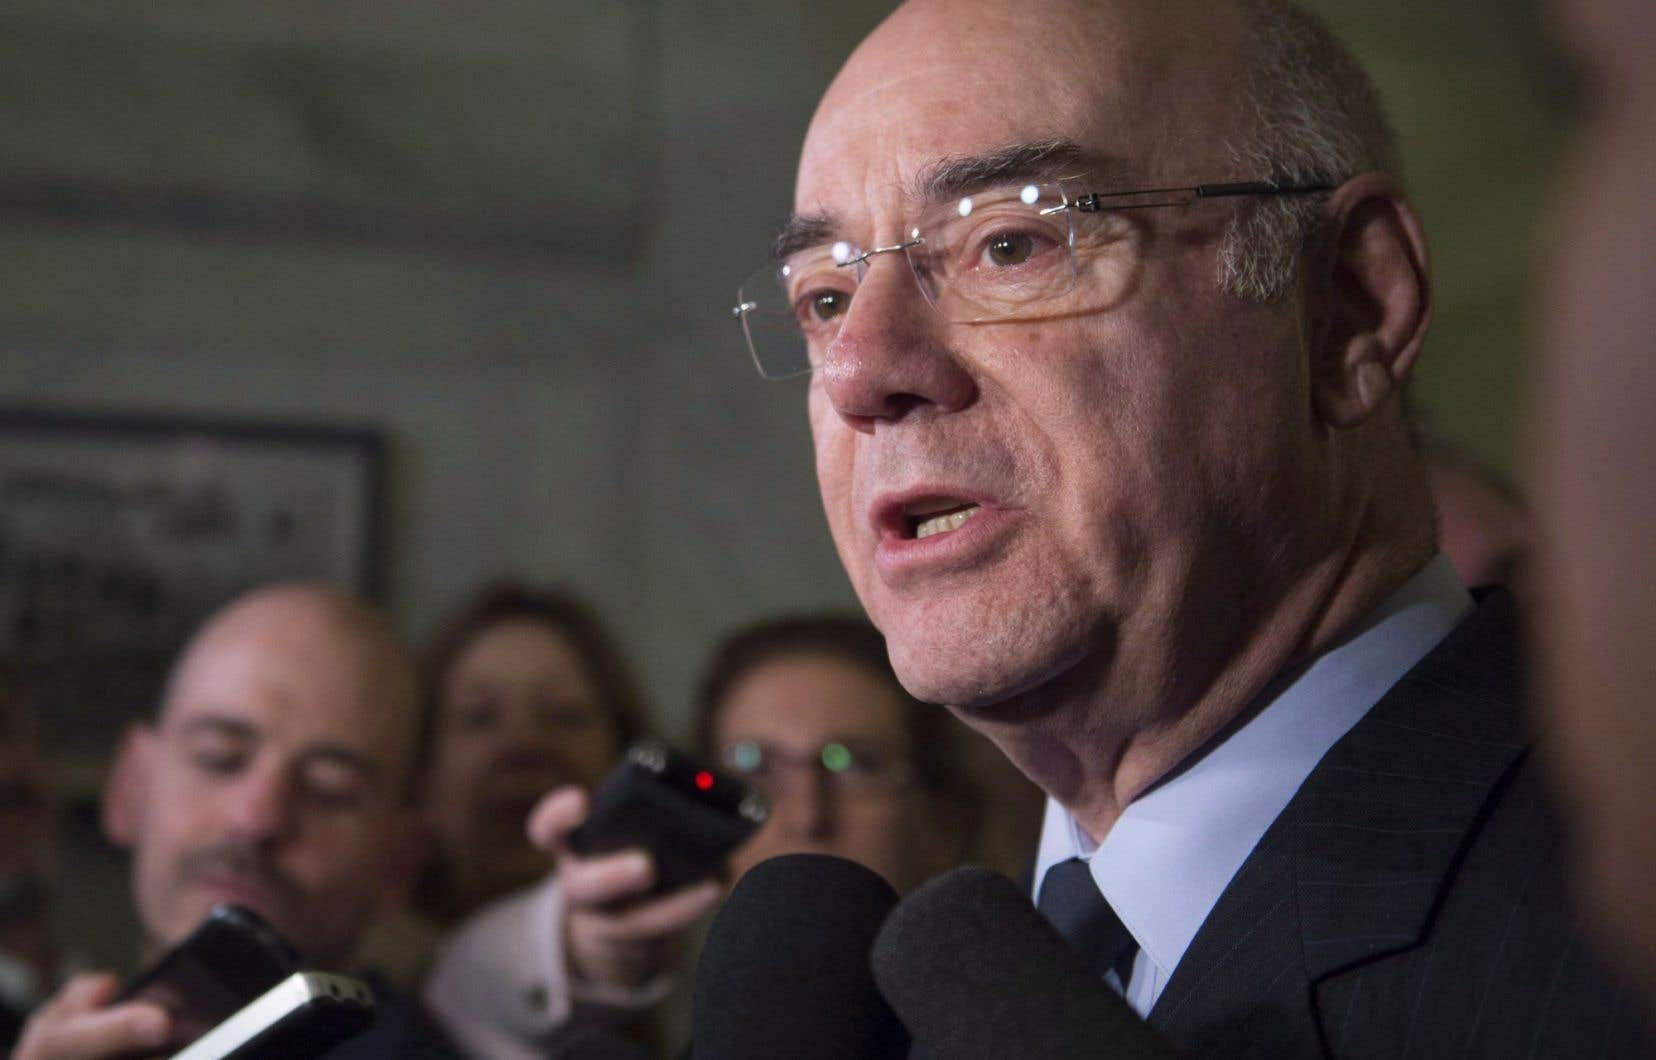 Le PQ, la CAQ et Québec solidaire exigent d'entendre Jacques Daoust, mais aussi le chef de cabinet du premier ministre, Jean-Louis Dufresne, l'ancien patron de Rona, Robert Dutton, et l'ancien ministre des Finances, Raymond Bachand.